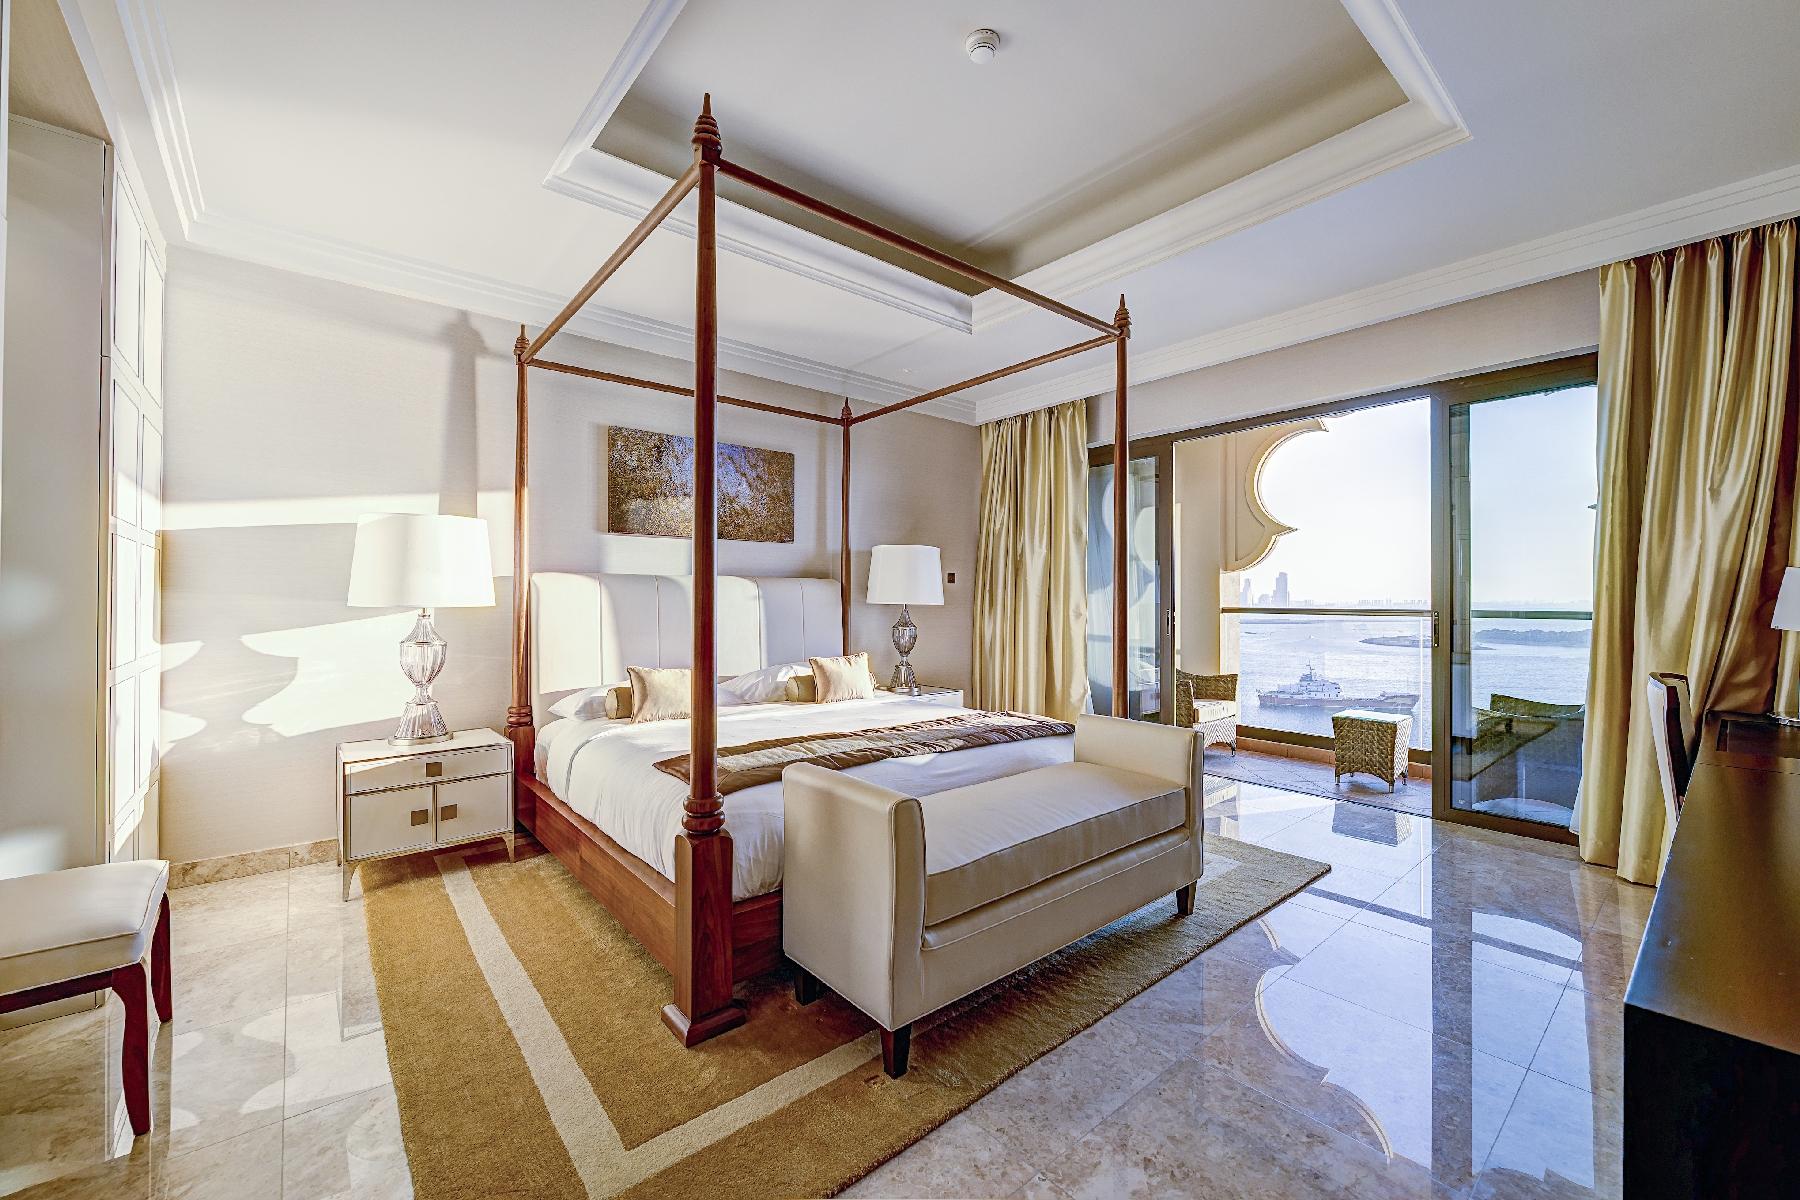 Căn hộ vì Bán tại Fairmont Penthouse Fairmont Hotel and Resort Palm Jumeirah Dubai, 94085 Các Tiểu Vương Quốc Ả-Rập Thống Nhất